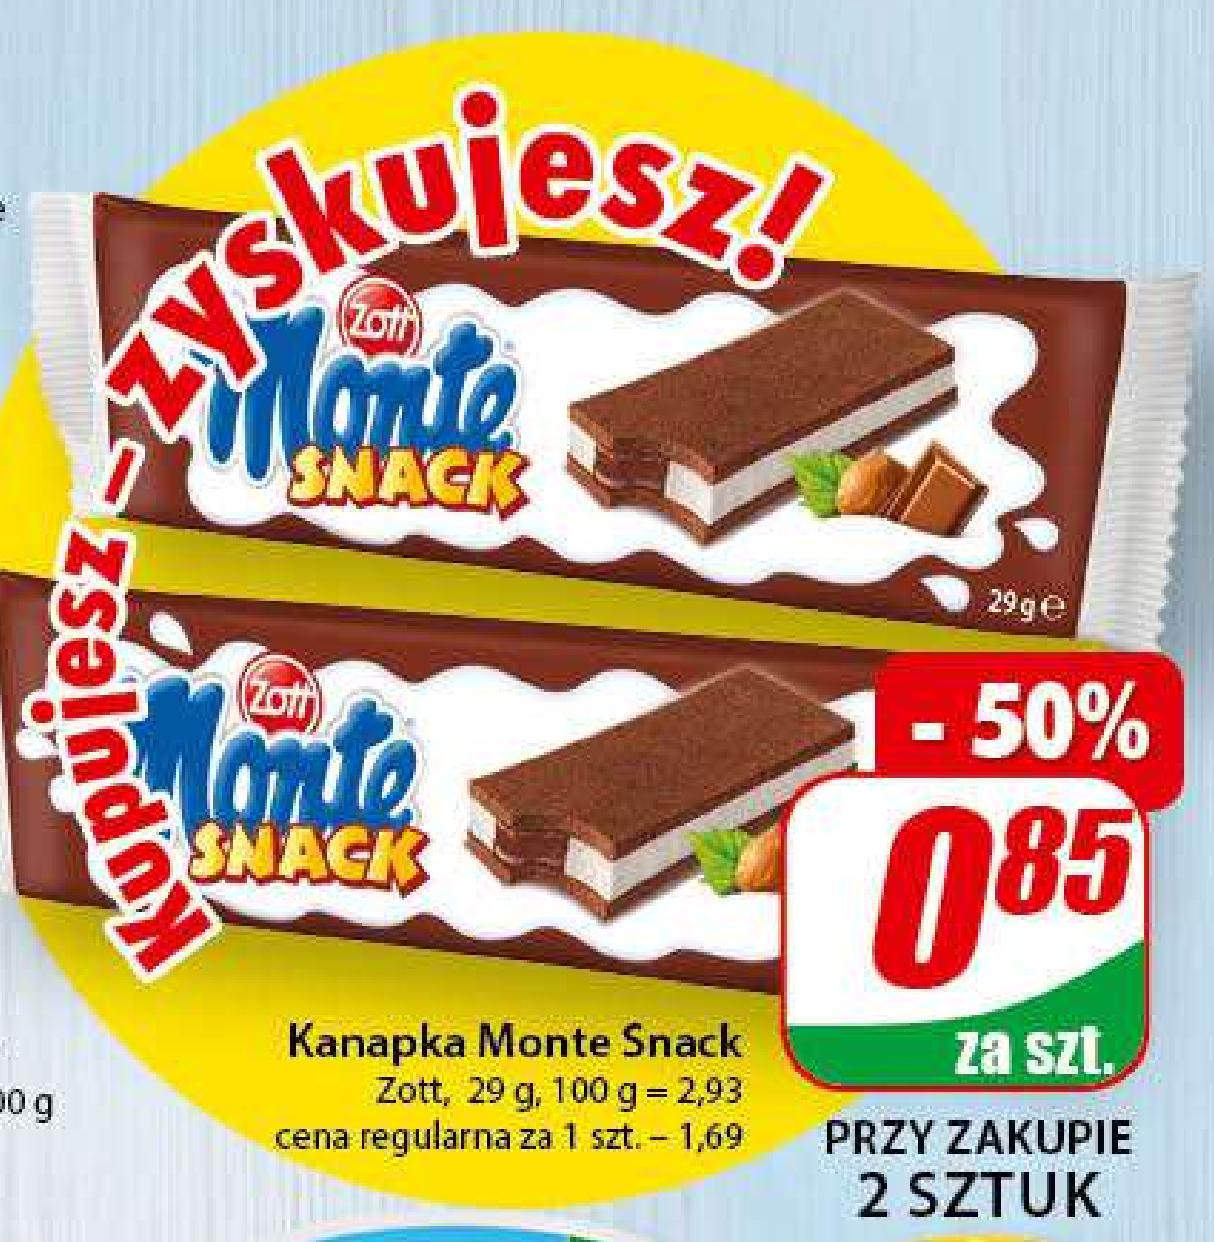 Kanapka Monte Snack 29g Zott (cena przy zakupie 2szt.) - DINO